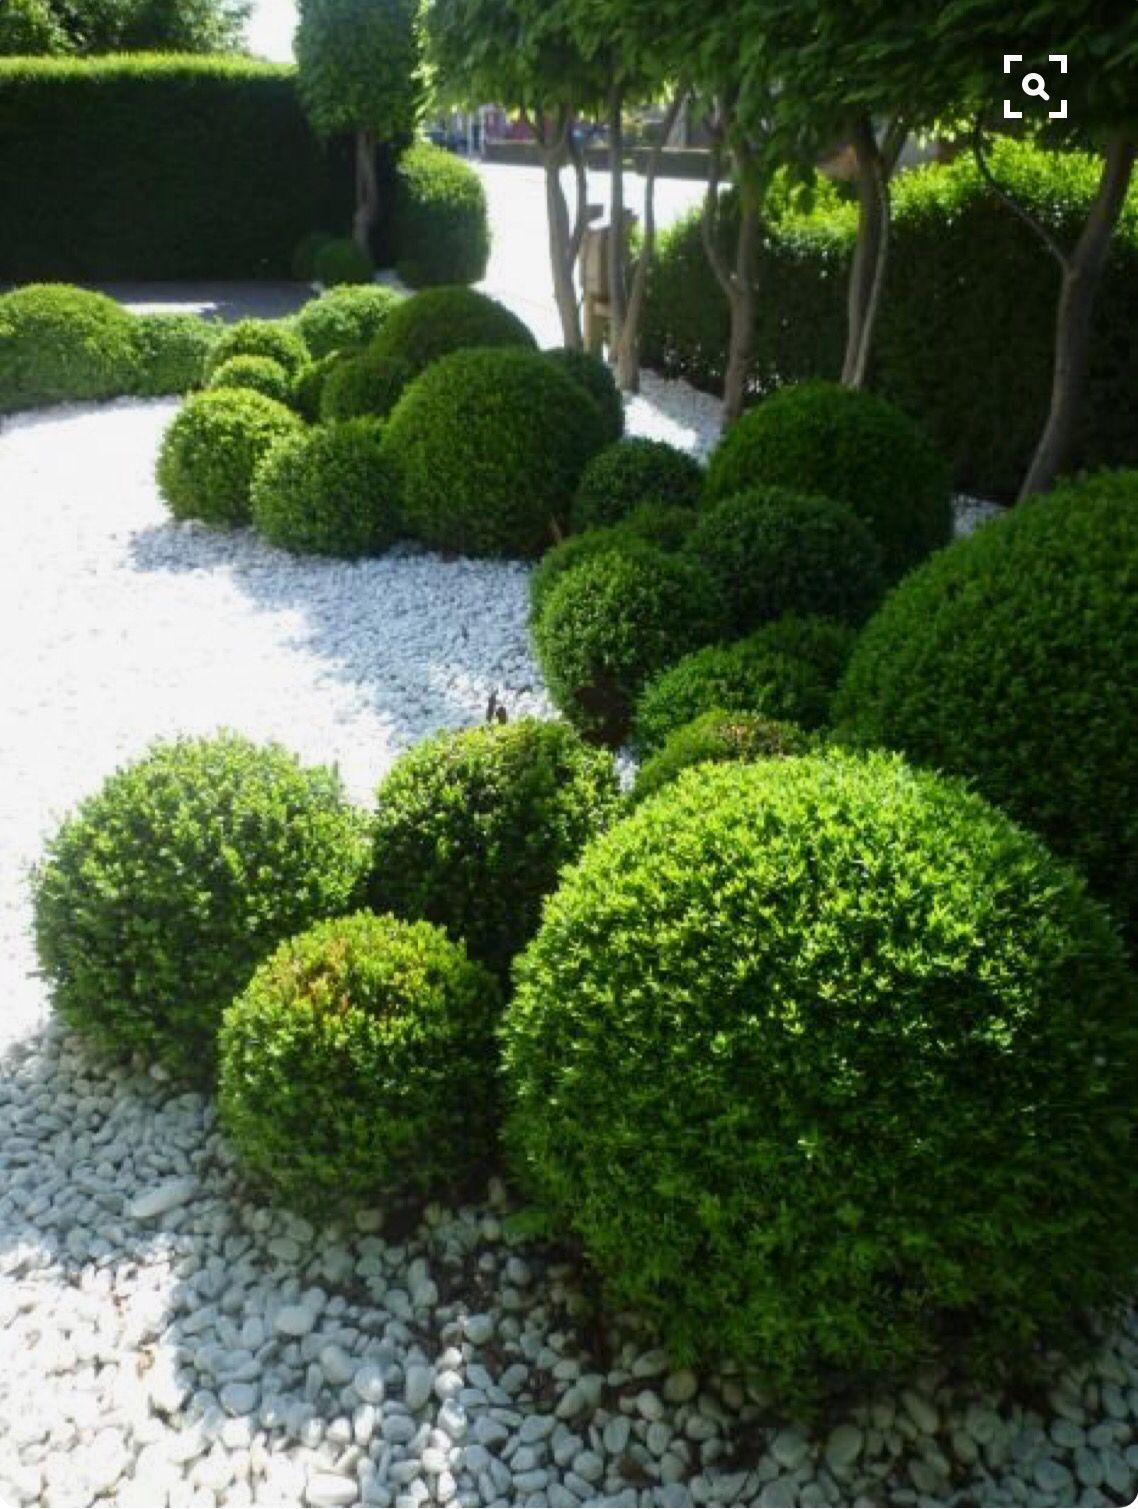 Balls Of Topiary In A Modern Minimalist Garden Design Outdoor Landscaping Minimalist Garden Landscape Design